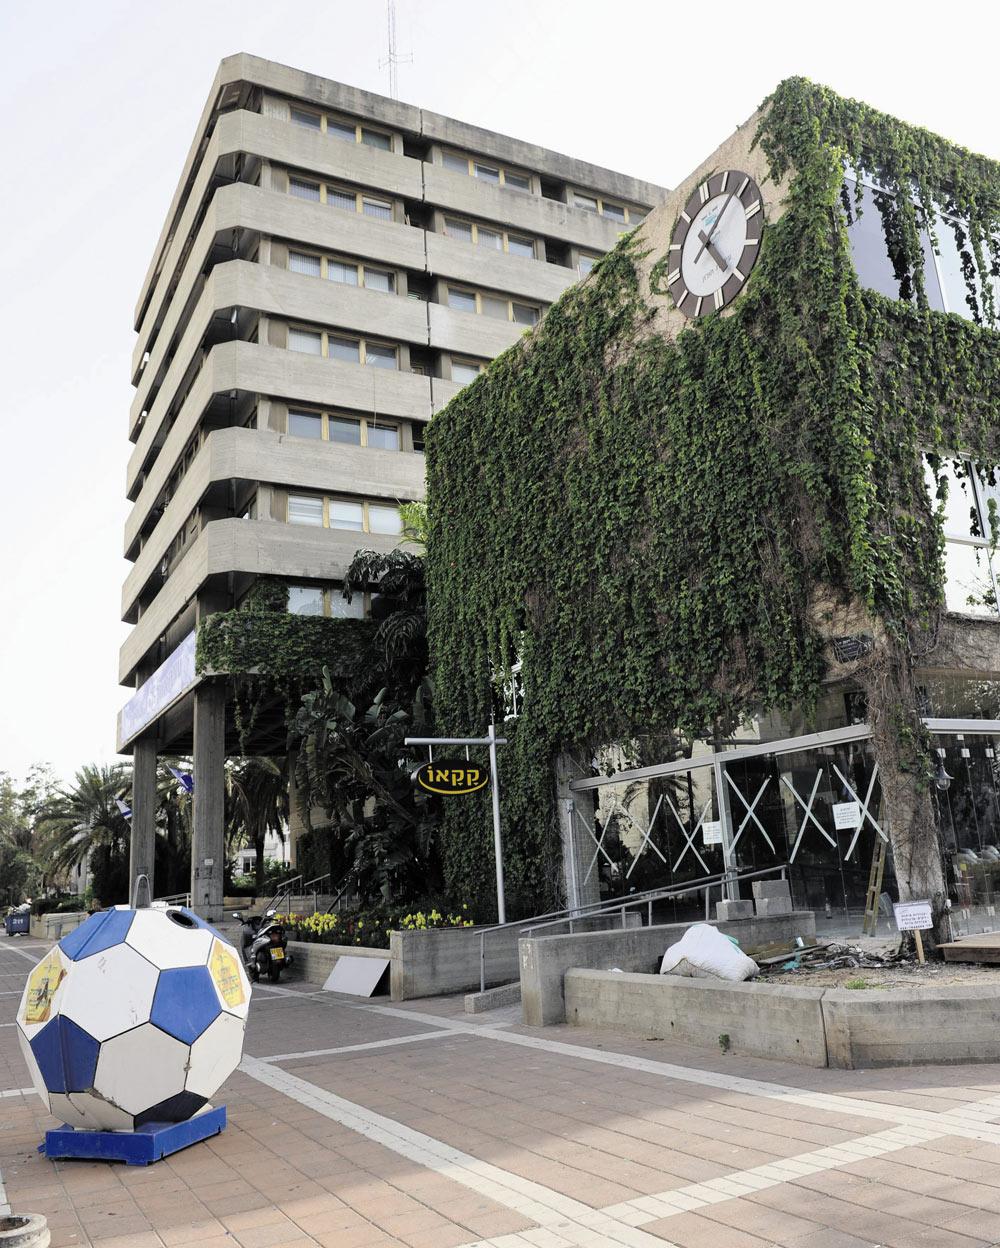 עיריית חולון: חלקו הראשון של המבנה מ-1958, חלקו השני נבנה 20 שנה מאוחר יותר (צילום: קובי קוואנקס)